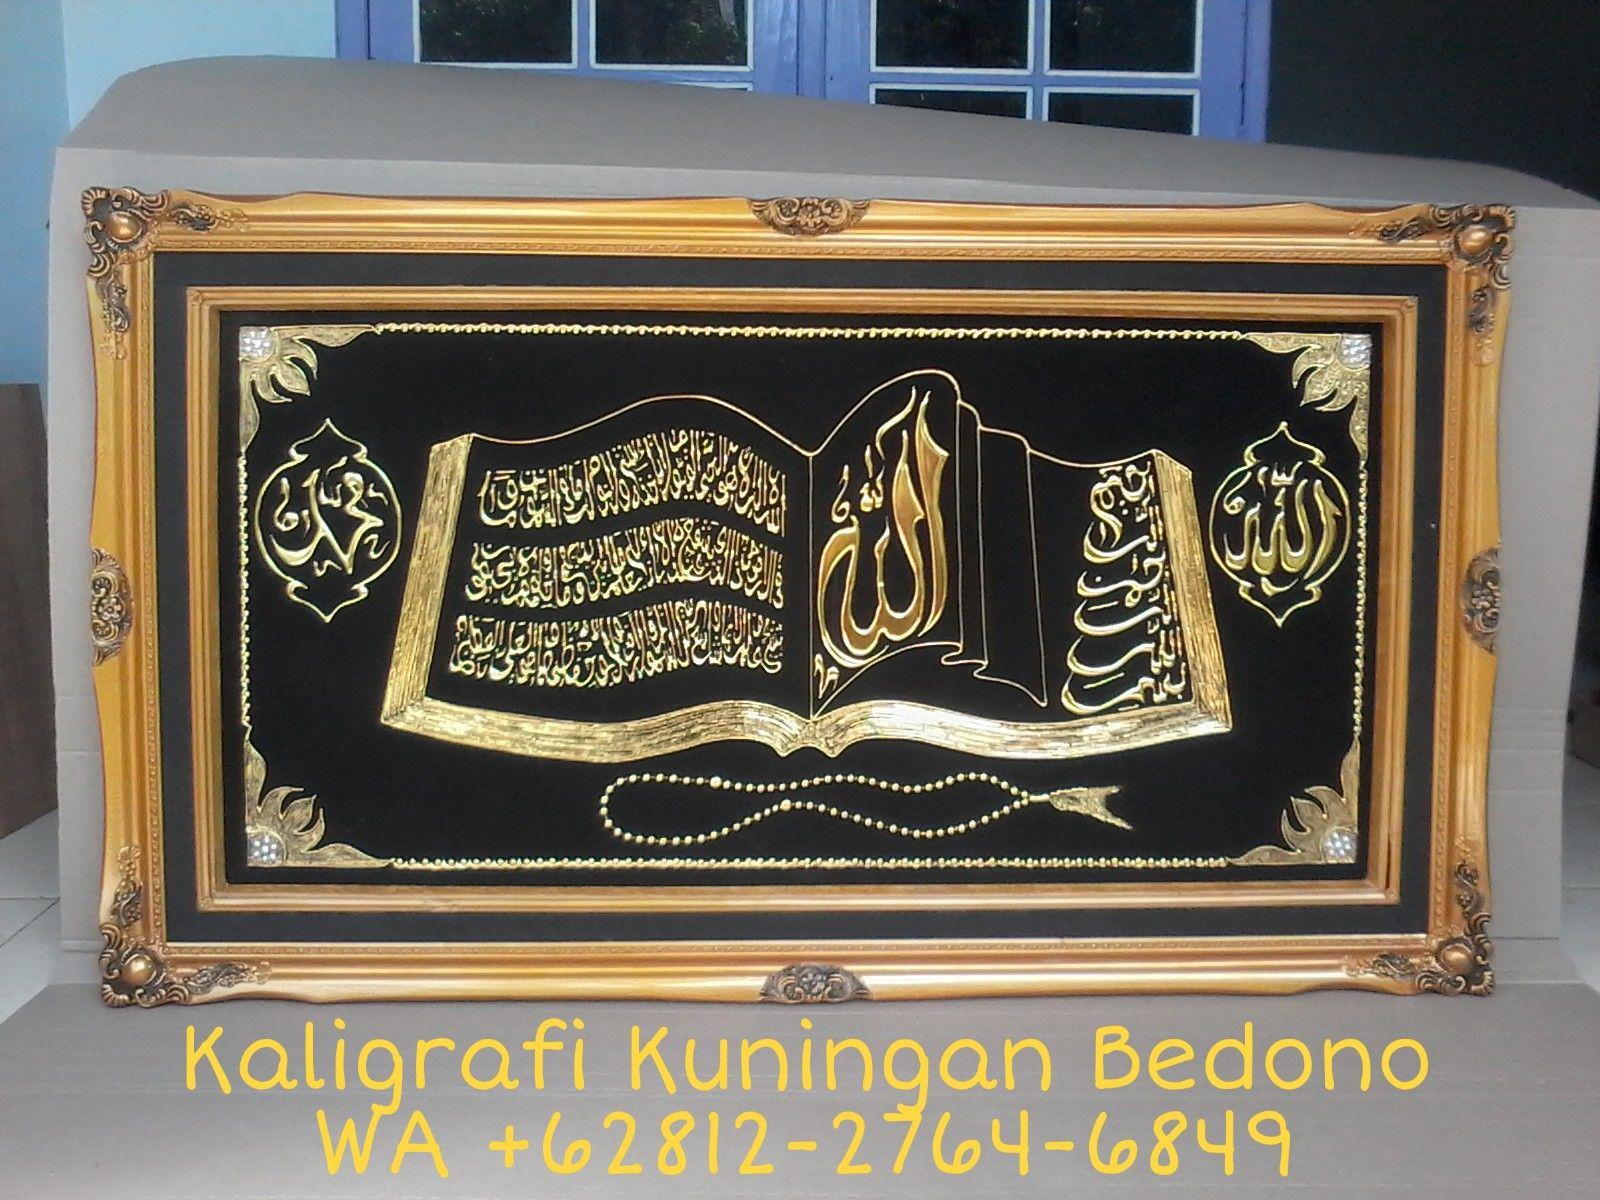 Pin Oleh Kaligrafi Kuningan Bedono Di Terbaik Wa 62